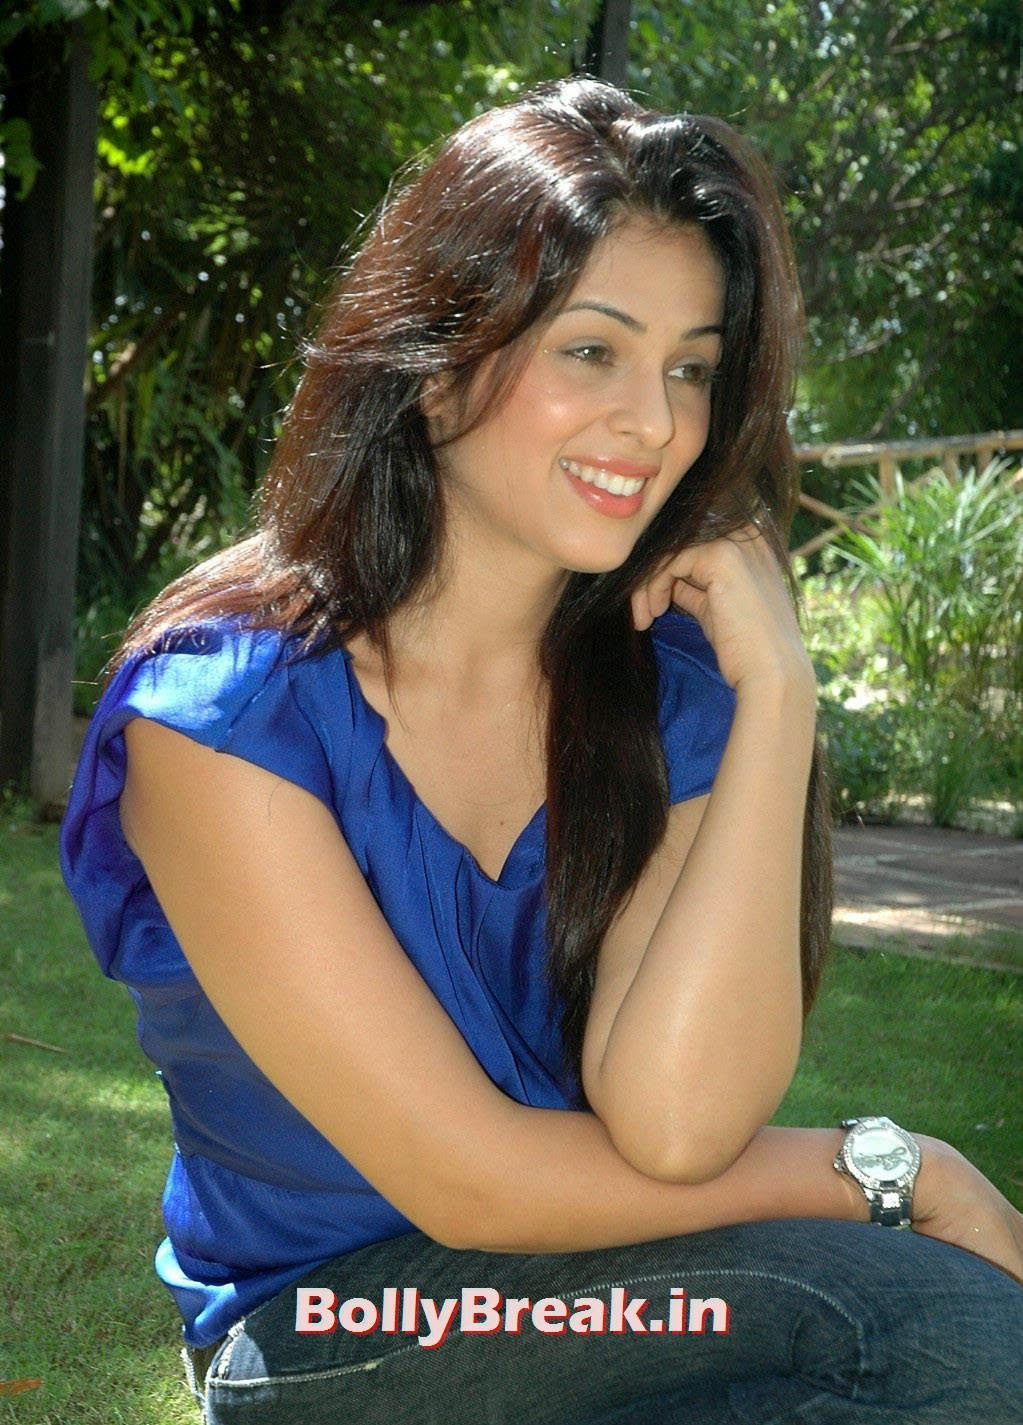 Telugu Actress Anjana Sukhani, Anjana Sukhani Latest Pics in Blue Top & Jeans